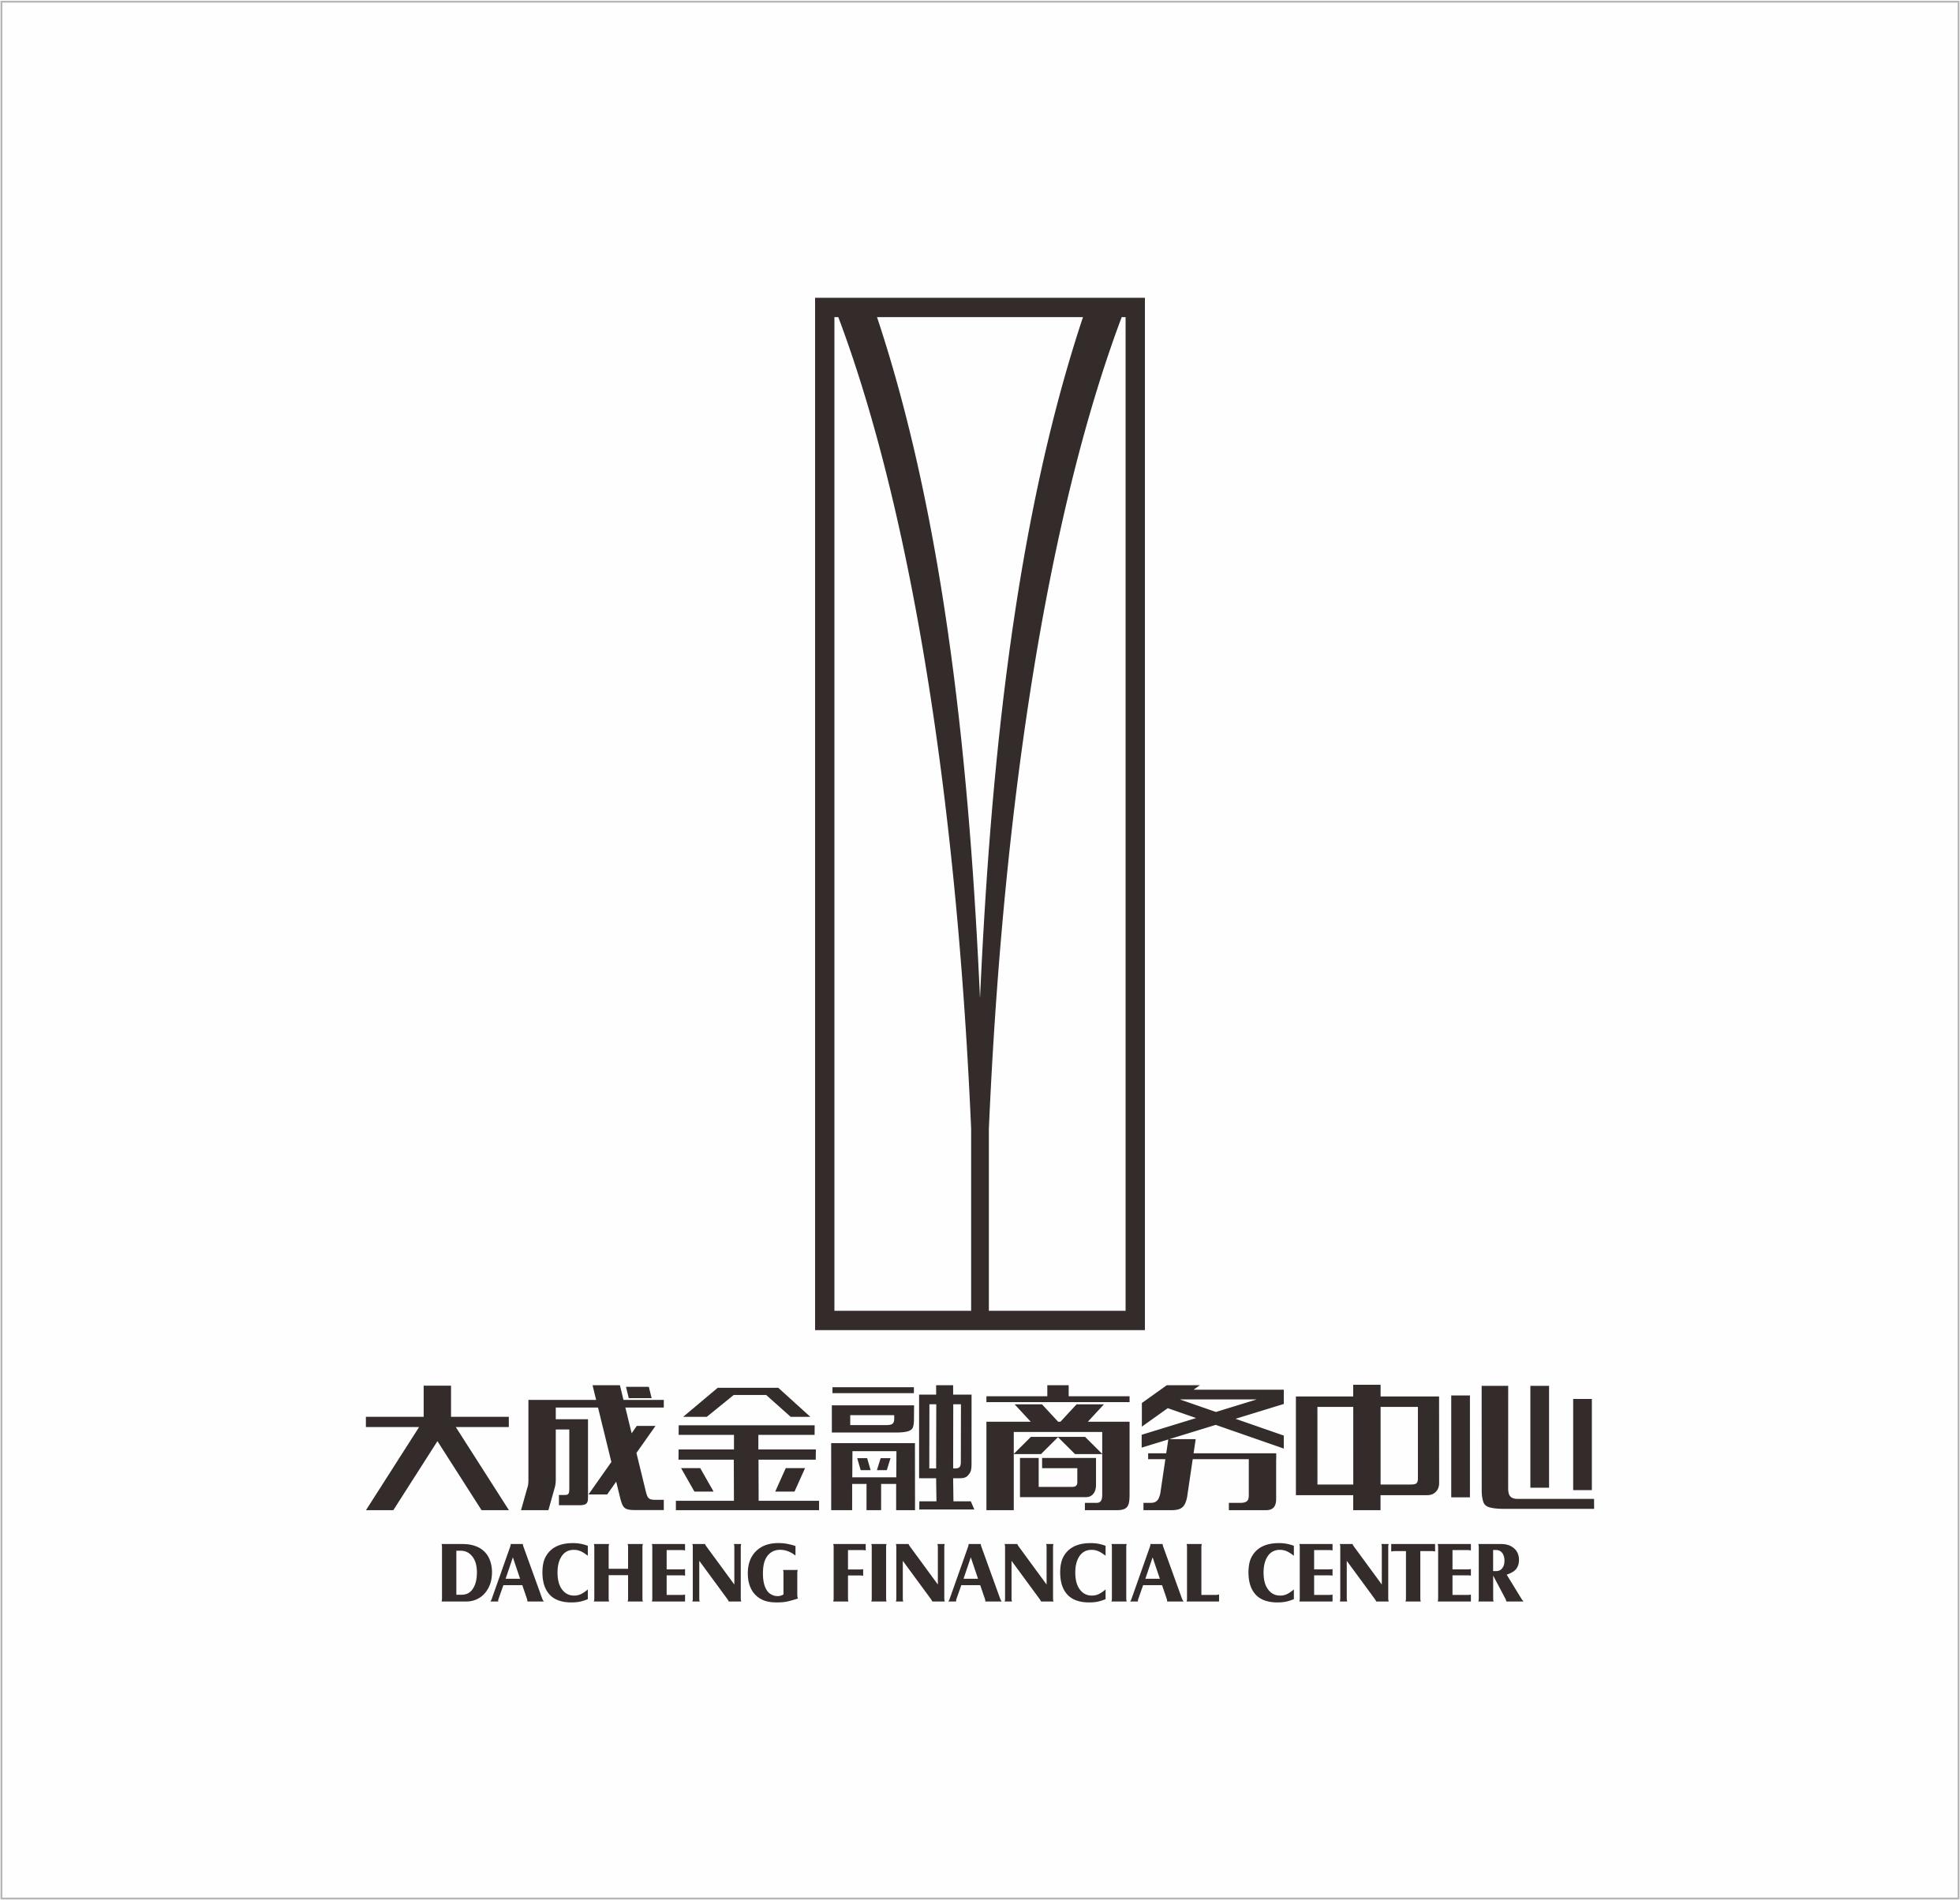 云南大成房地产开发有限公司